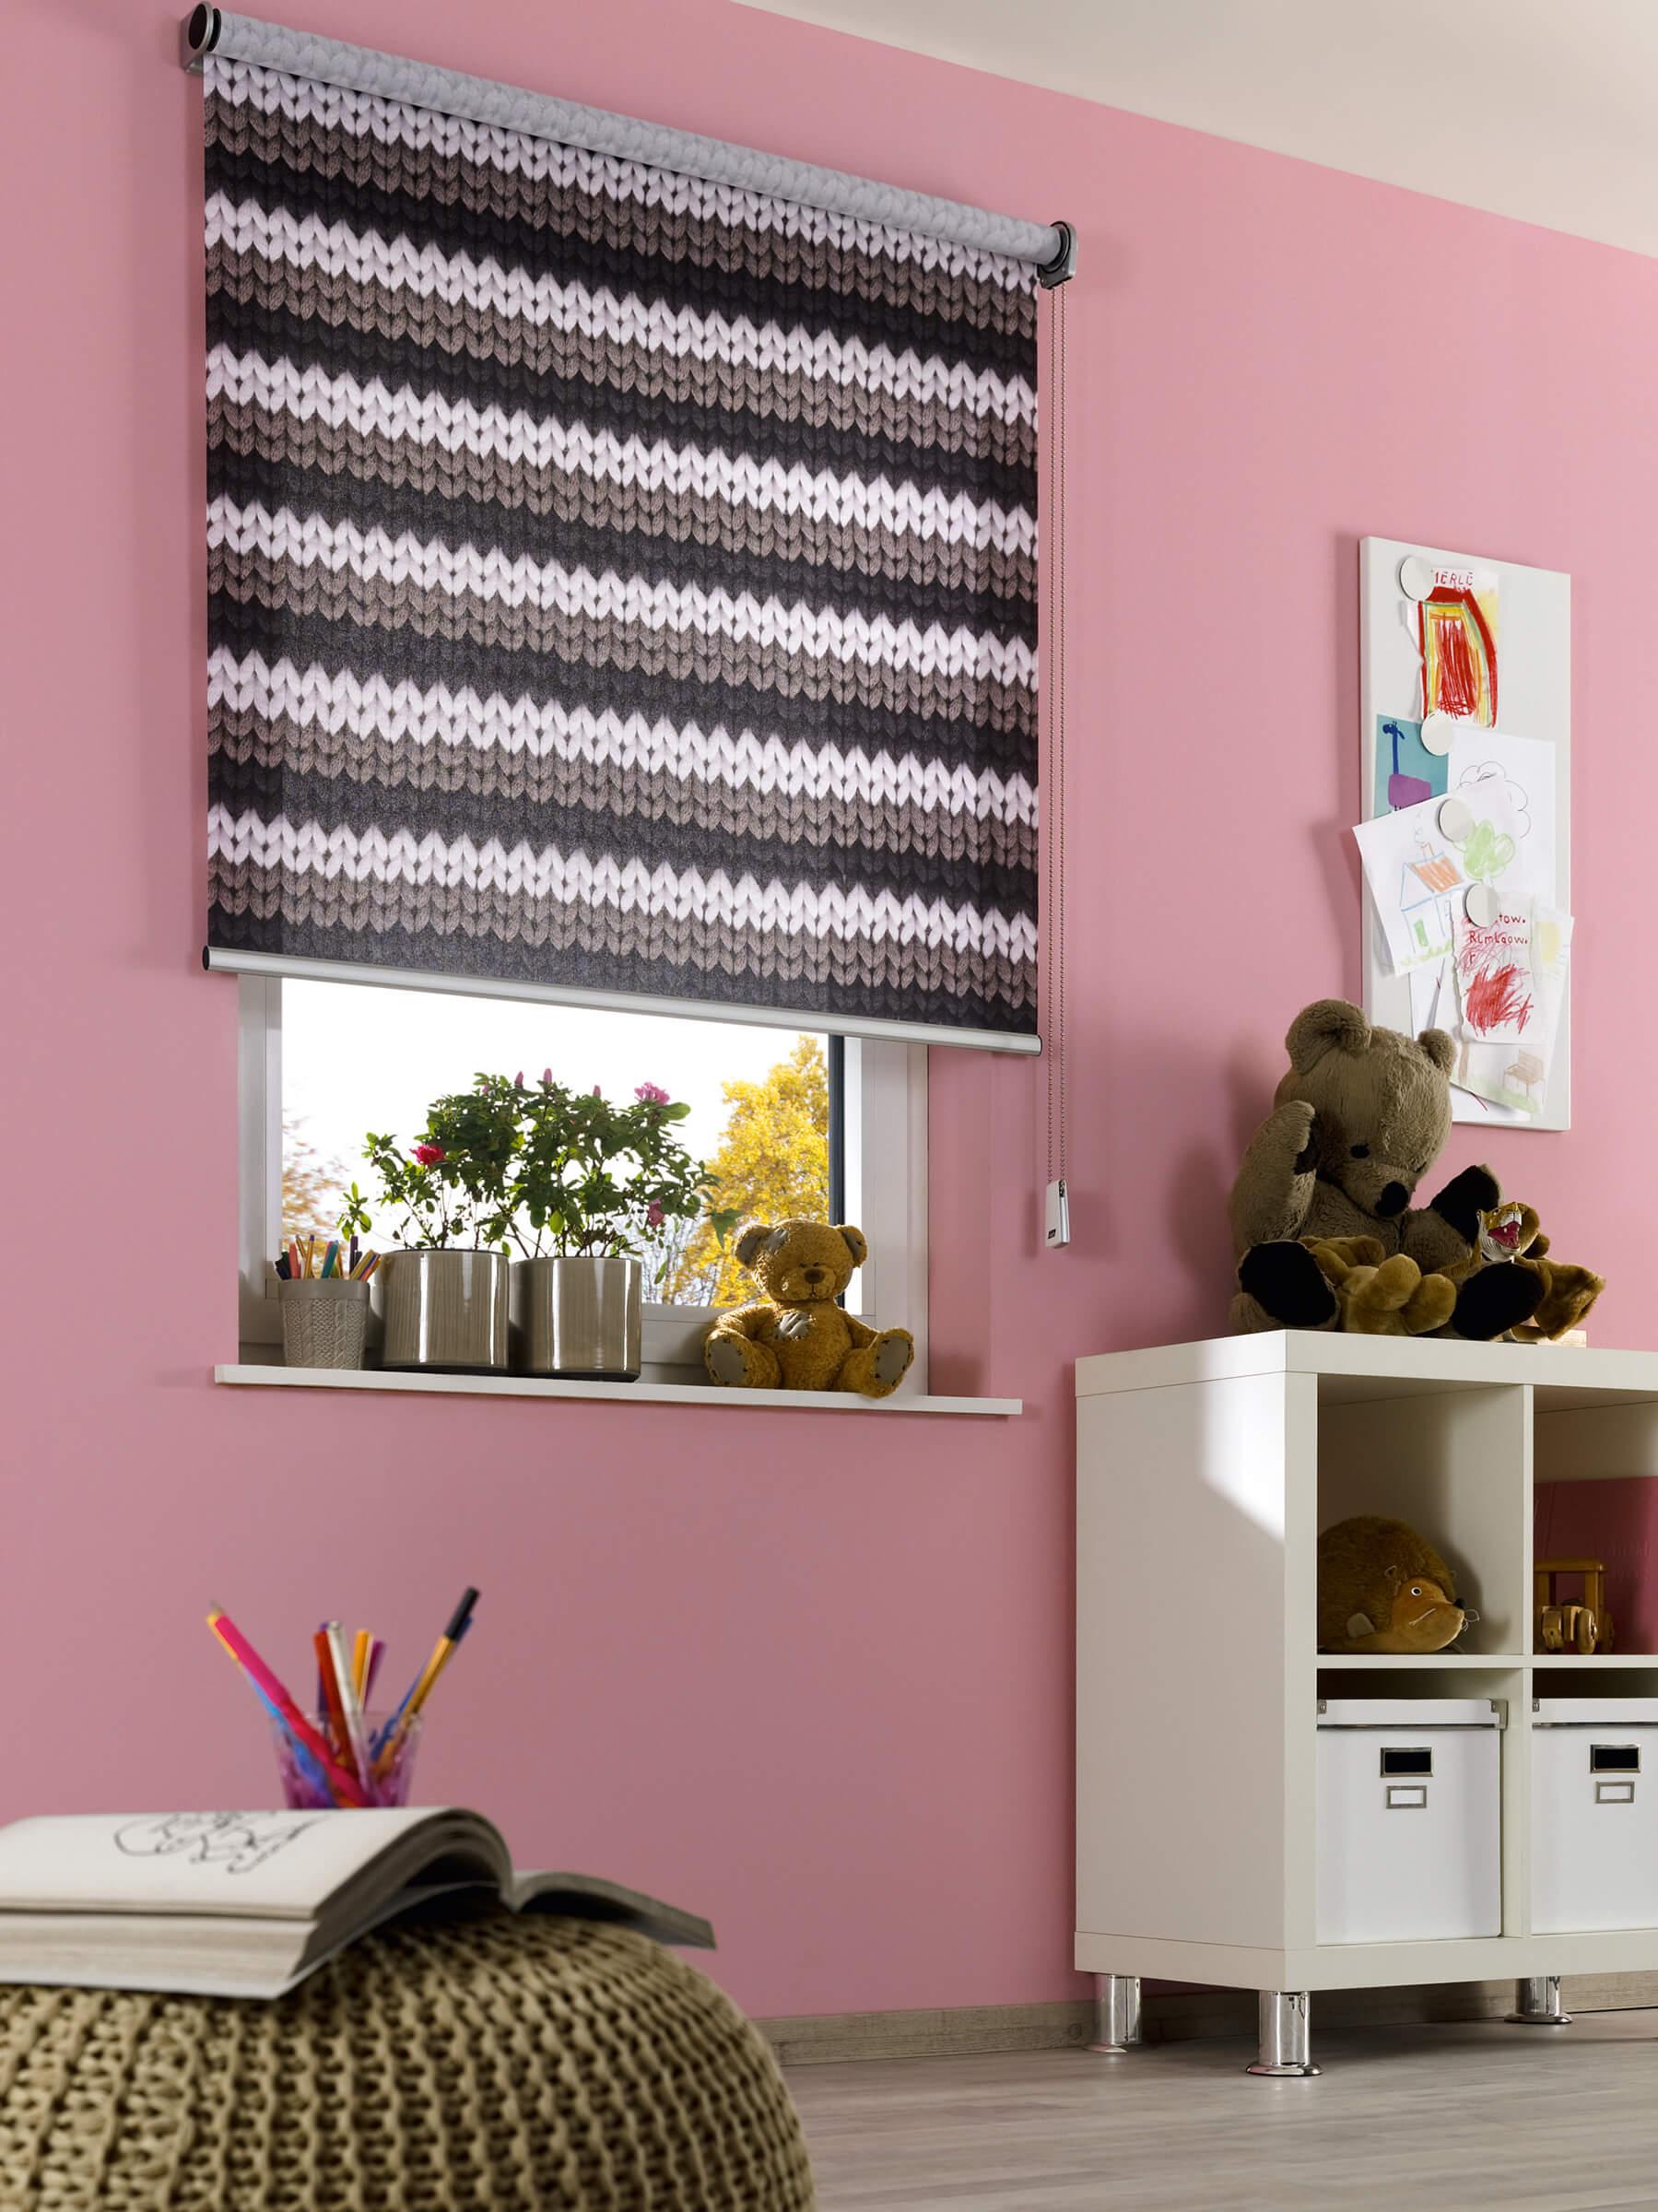 Pinkes Seitenzugrollo mit Print im Kinderzimmer